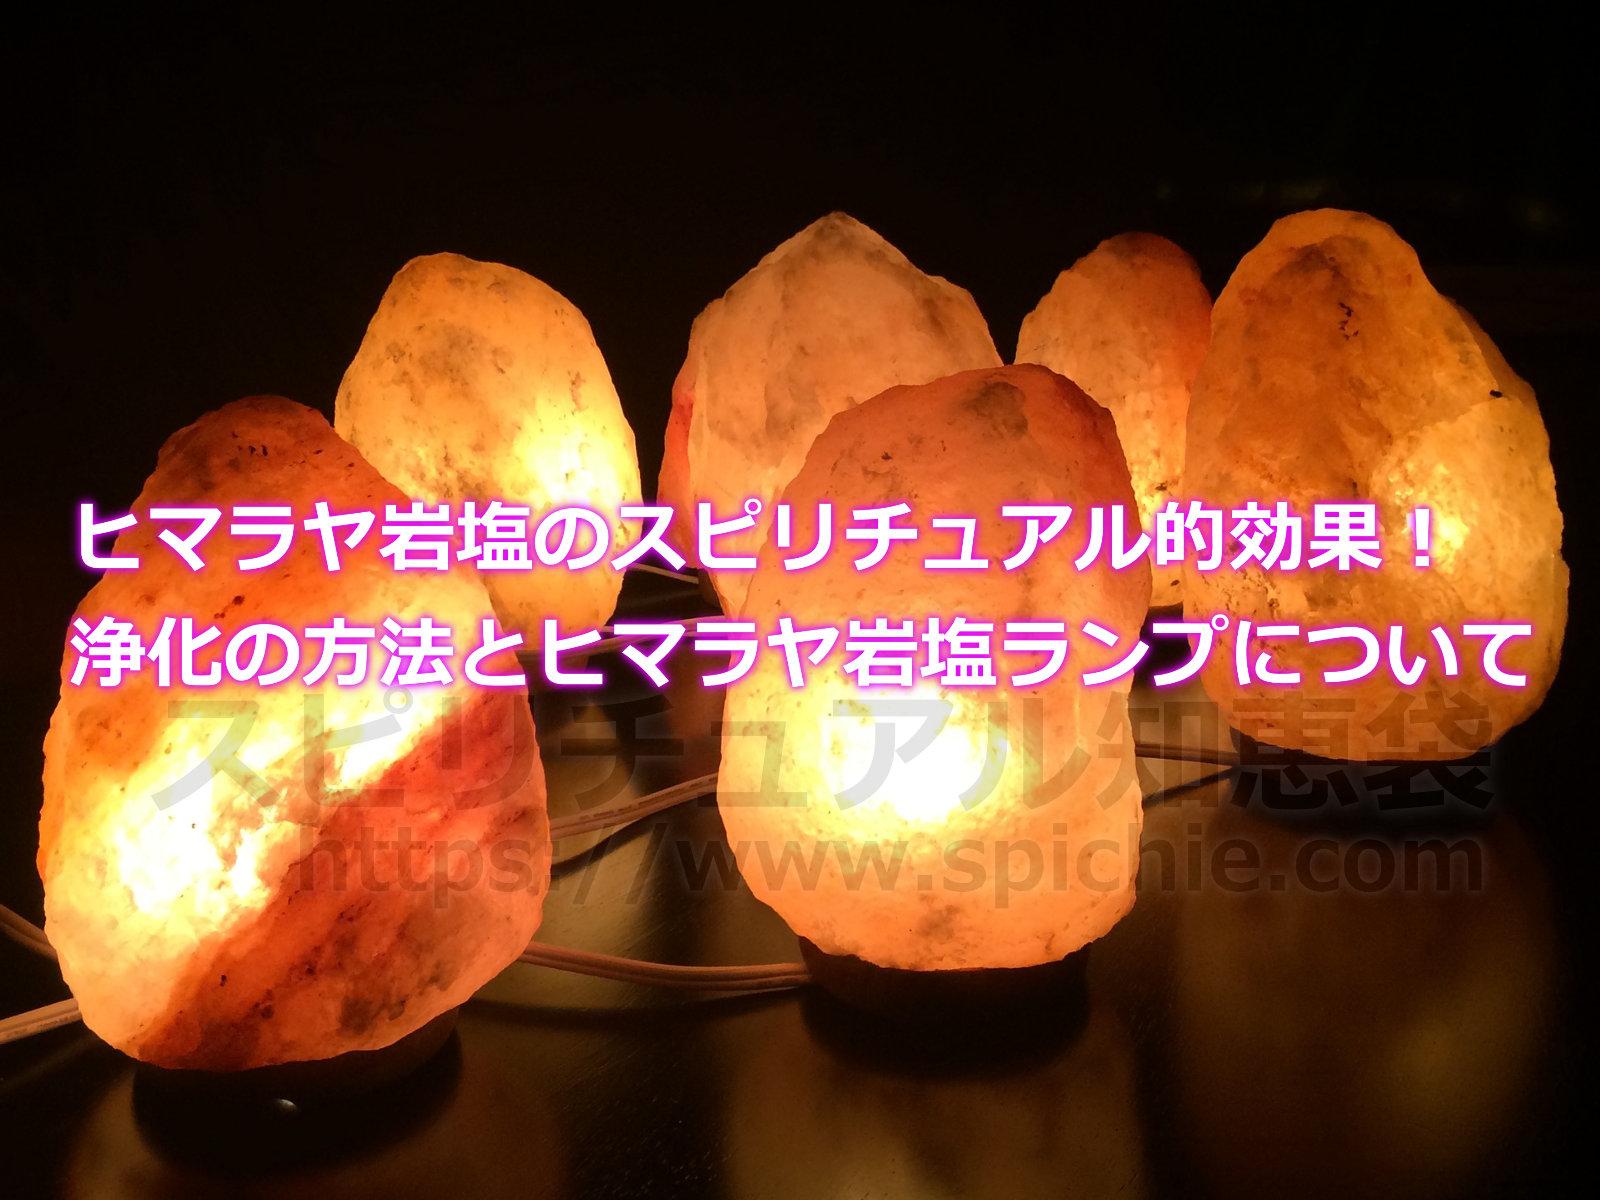 ヒマラヤ岩塩のスピリチュアル的効果!浄化の方法とヒマラヤ岩塩ランプについてのアイキャッチ画像